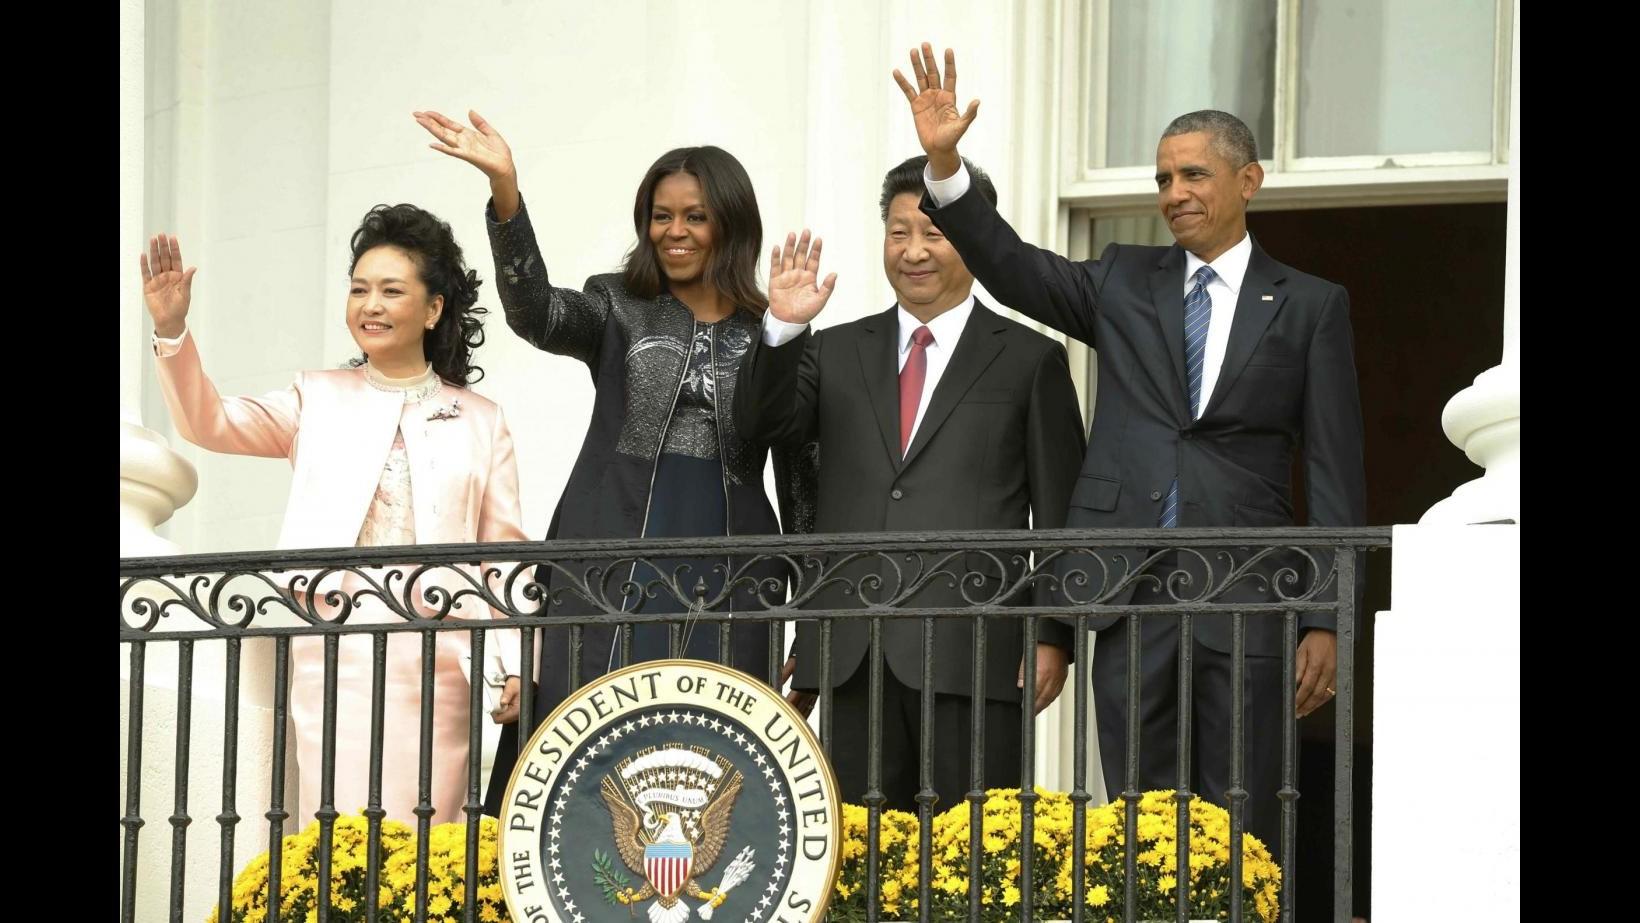 Rapporti Usa-Cina: Obama riceve Xi, l'incontro è quasi una messa cantata